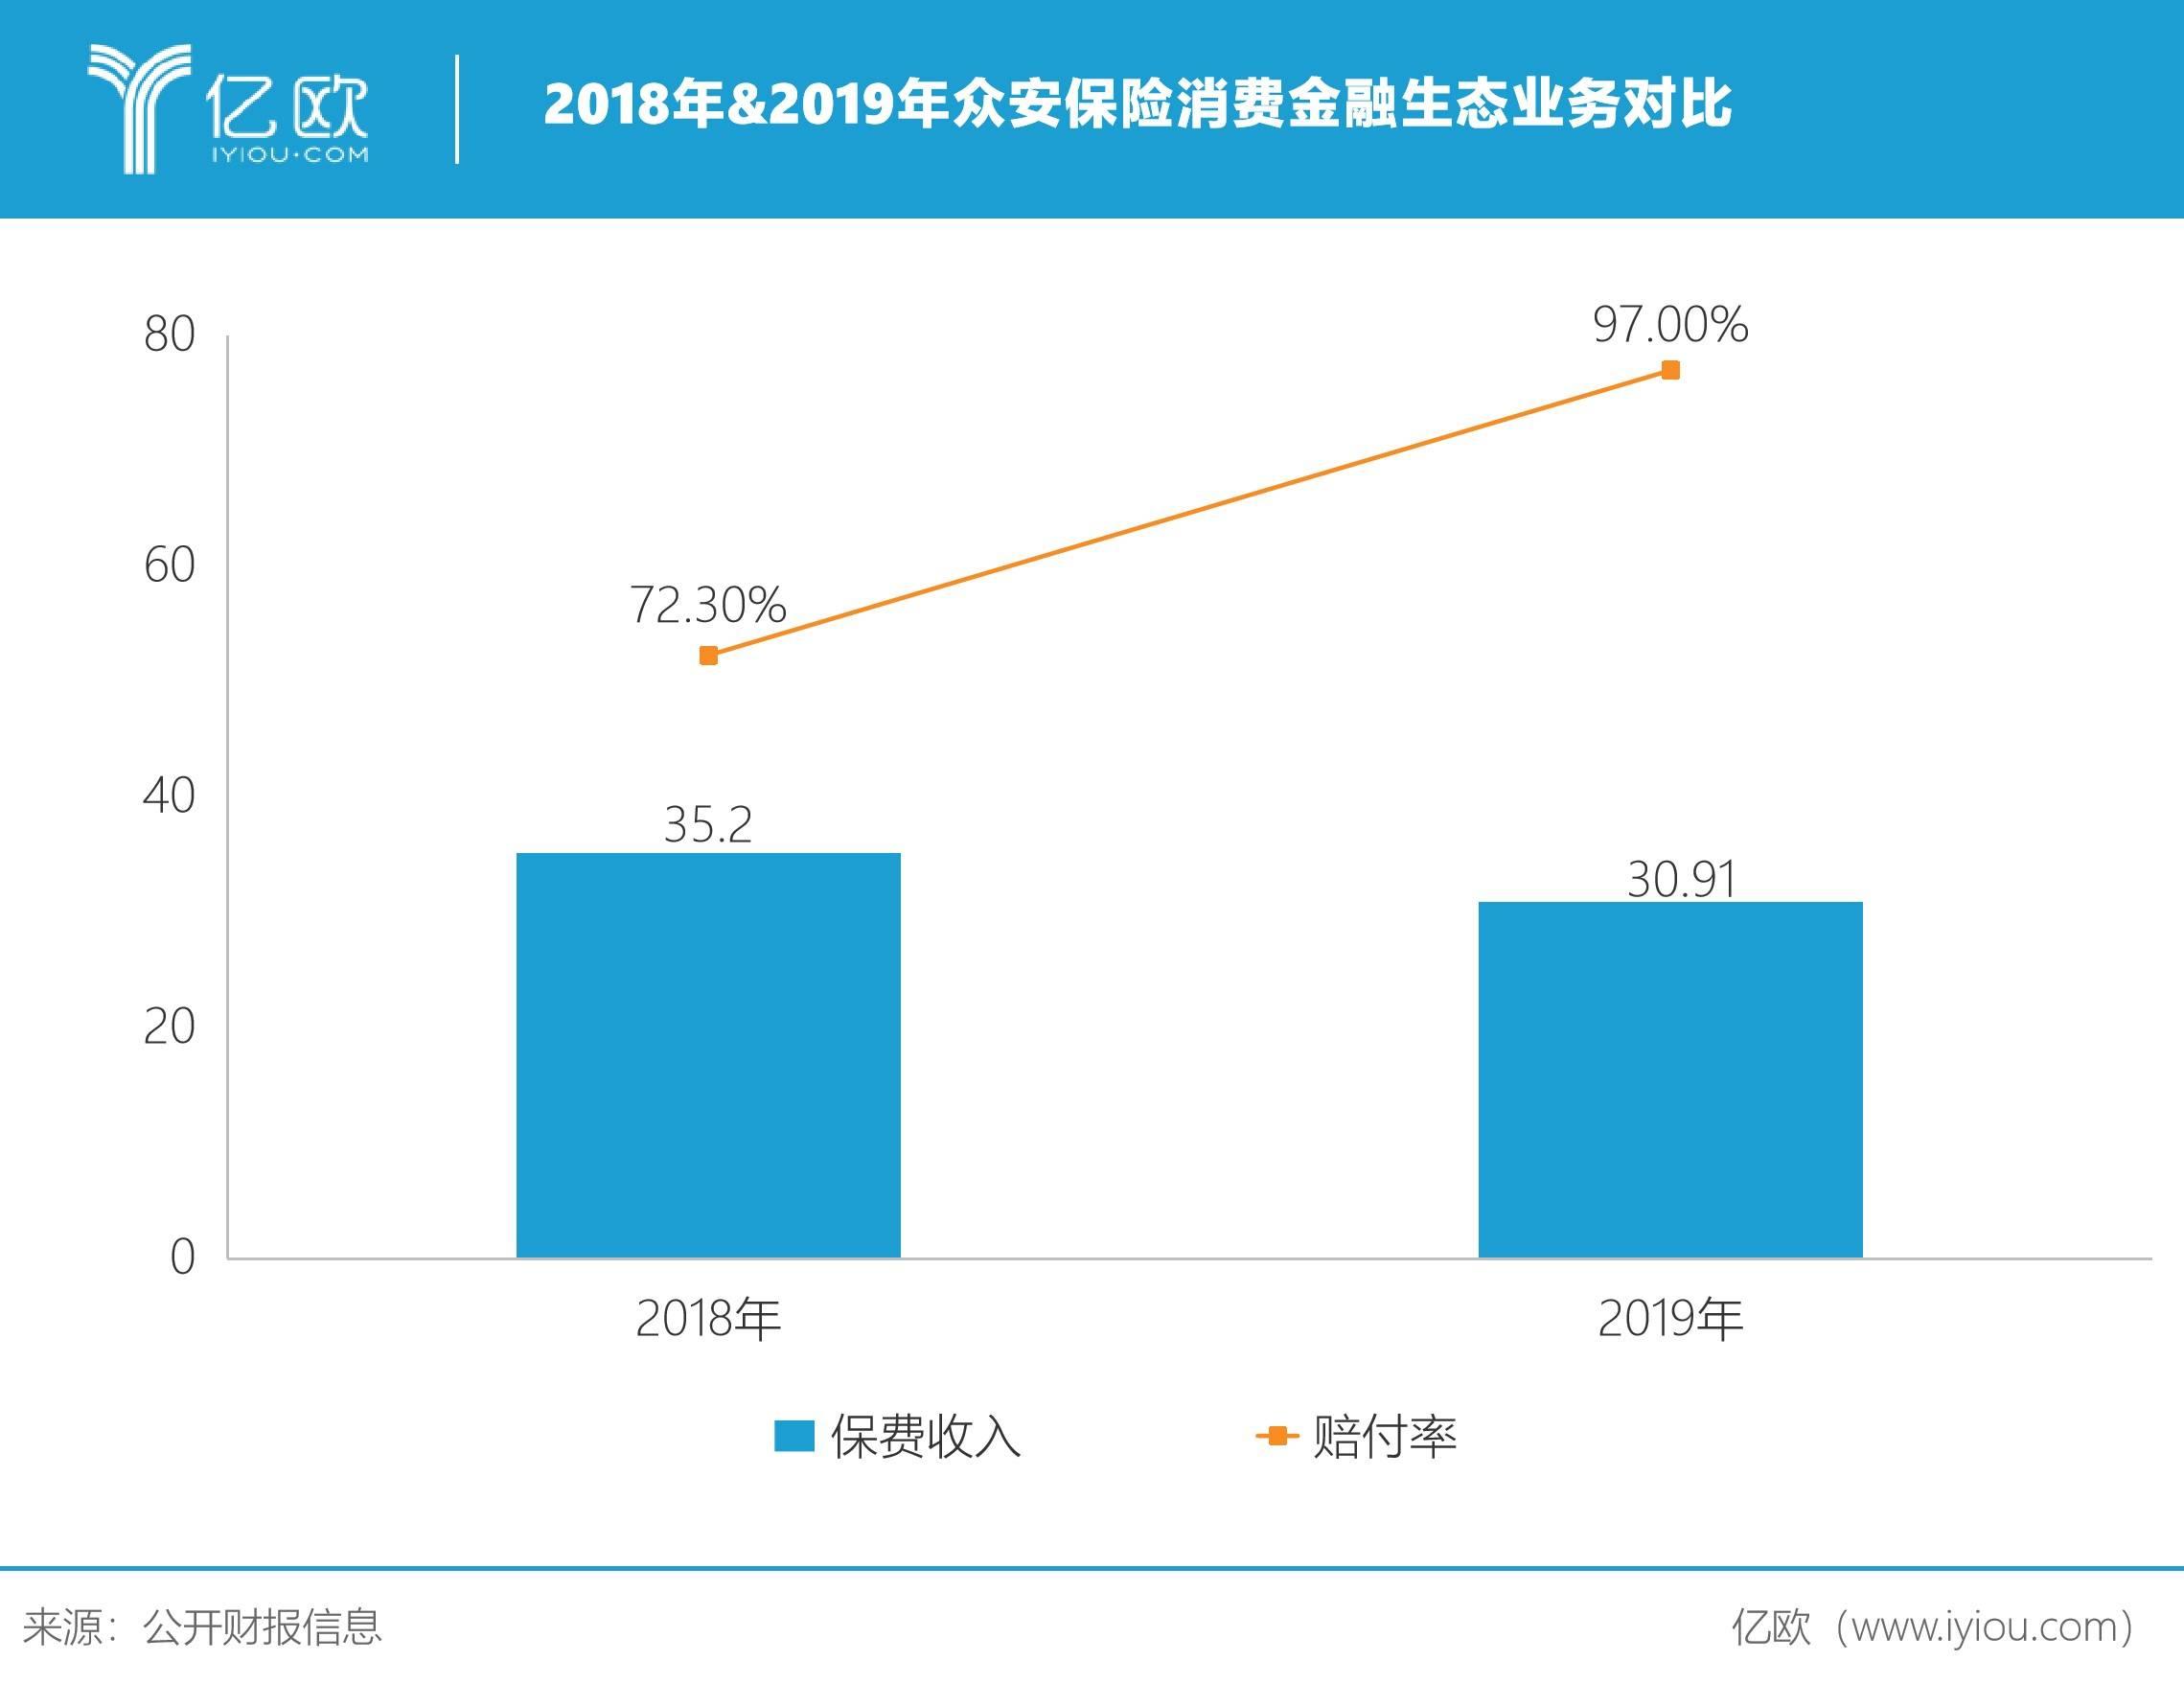 2018&2019年众安保险消费金融生态业务对比